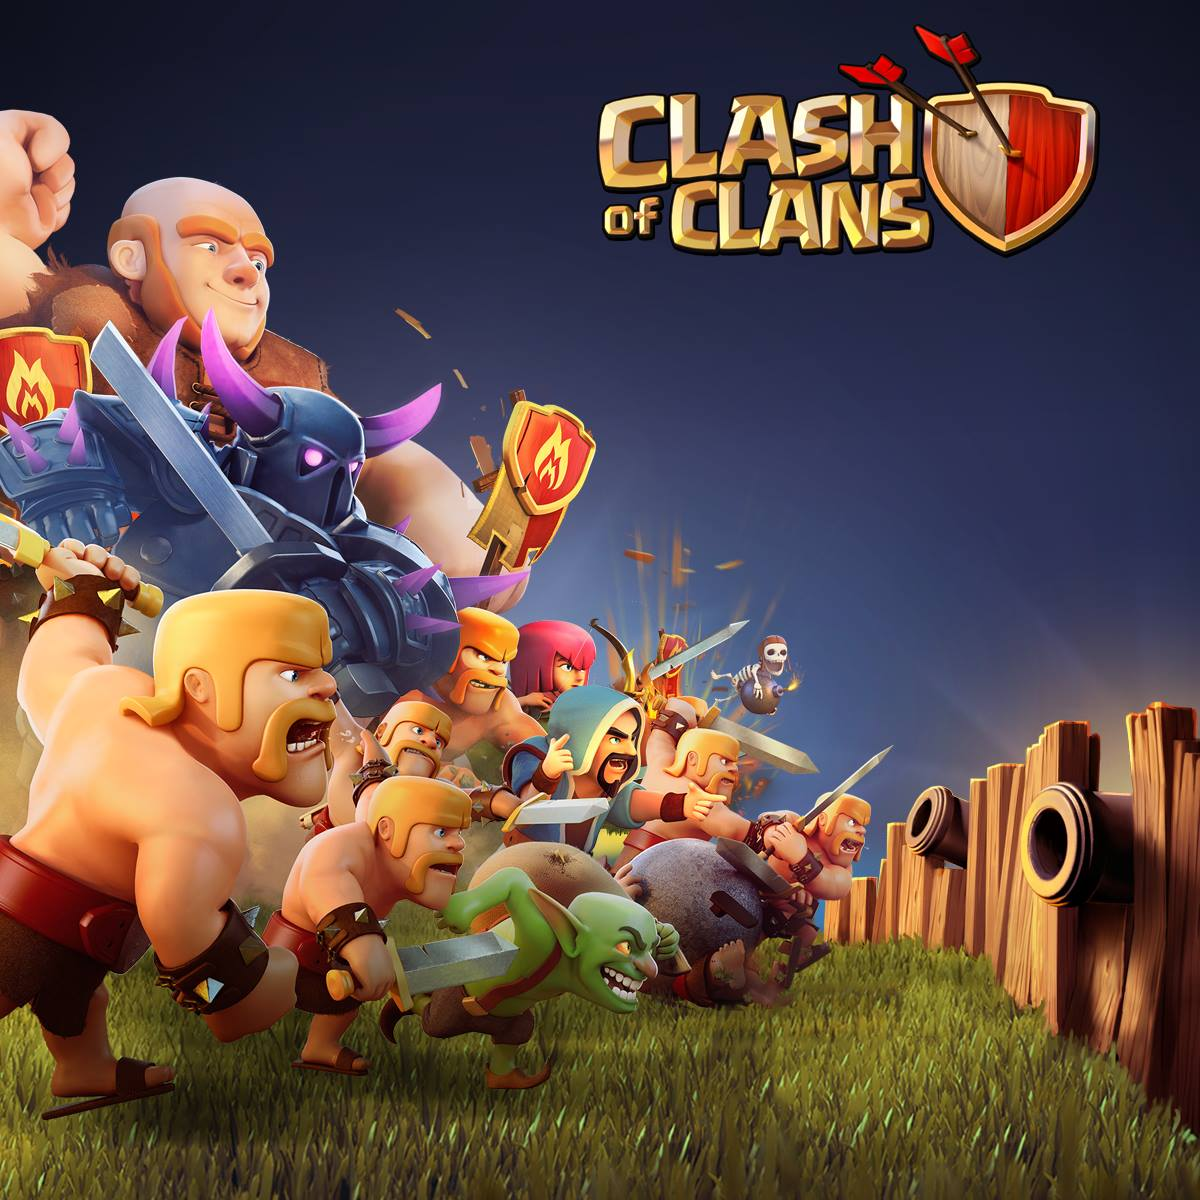 Hình ảnh Clash of clans đẹp và dễ thương